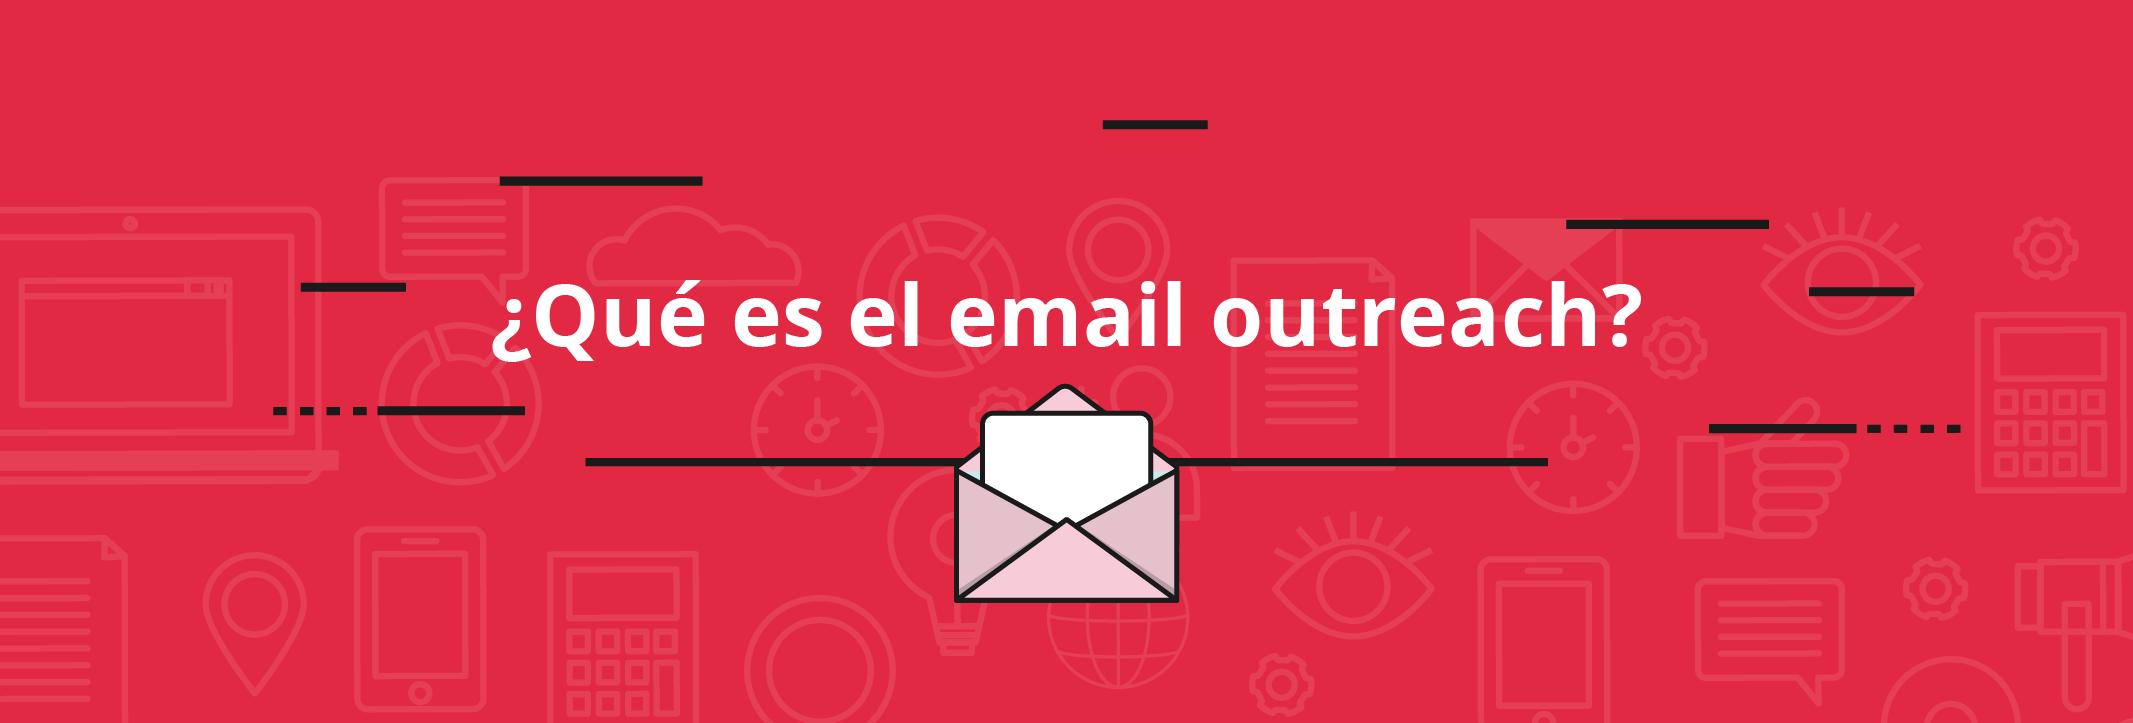 Qué es el email outreach